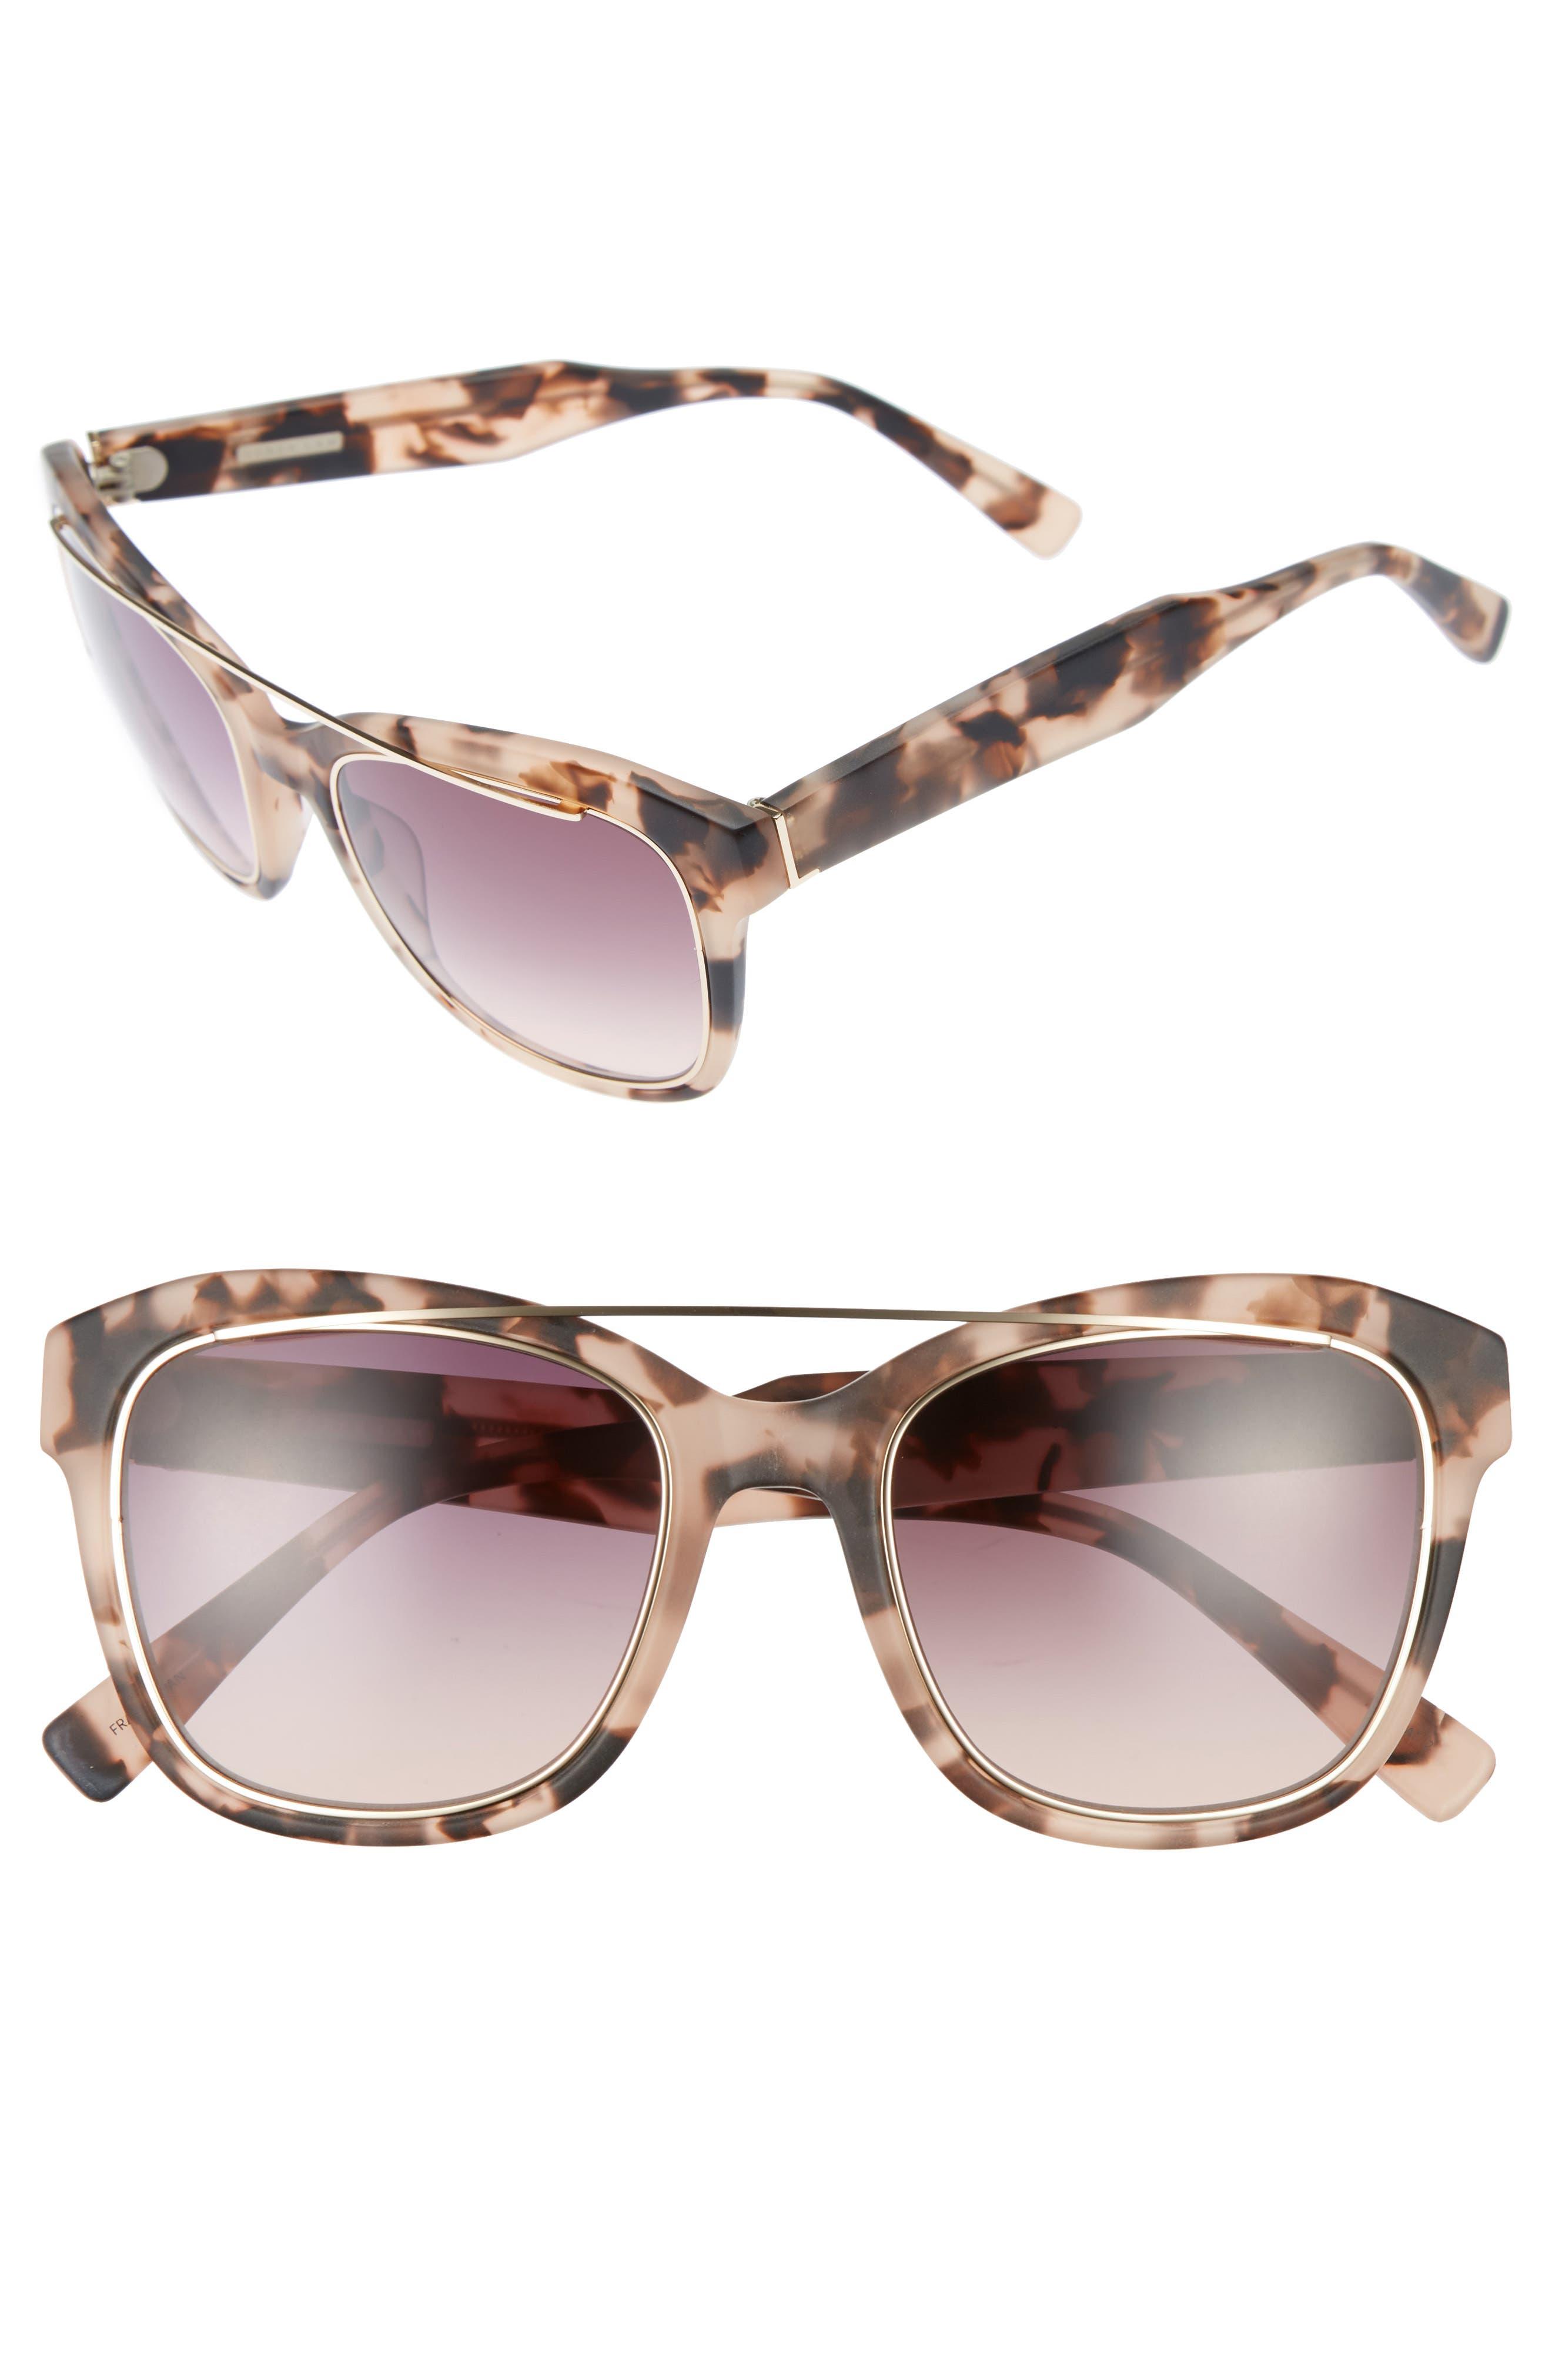 Main Image - Derek Lam Hudson 52mm Gradient Sunglasses